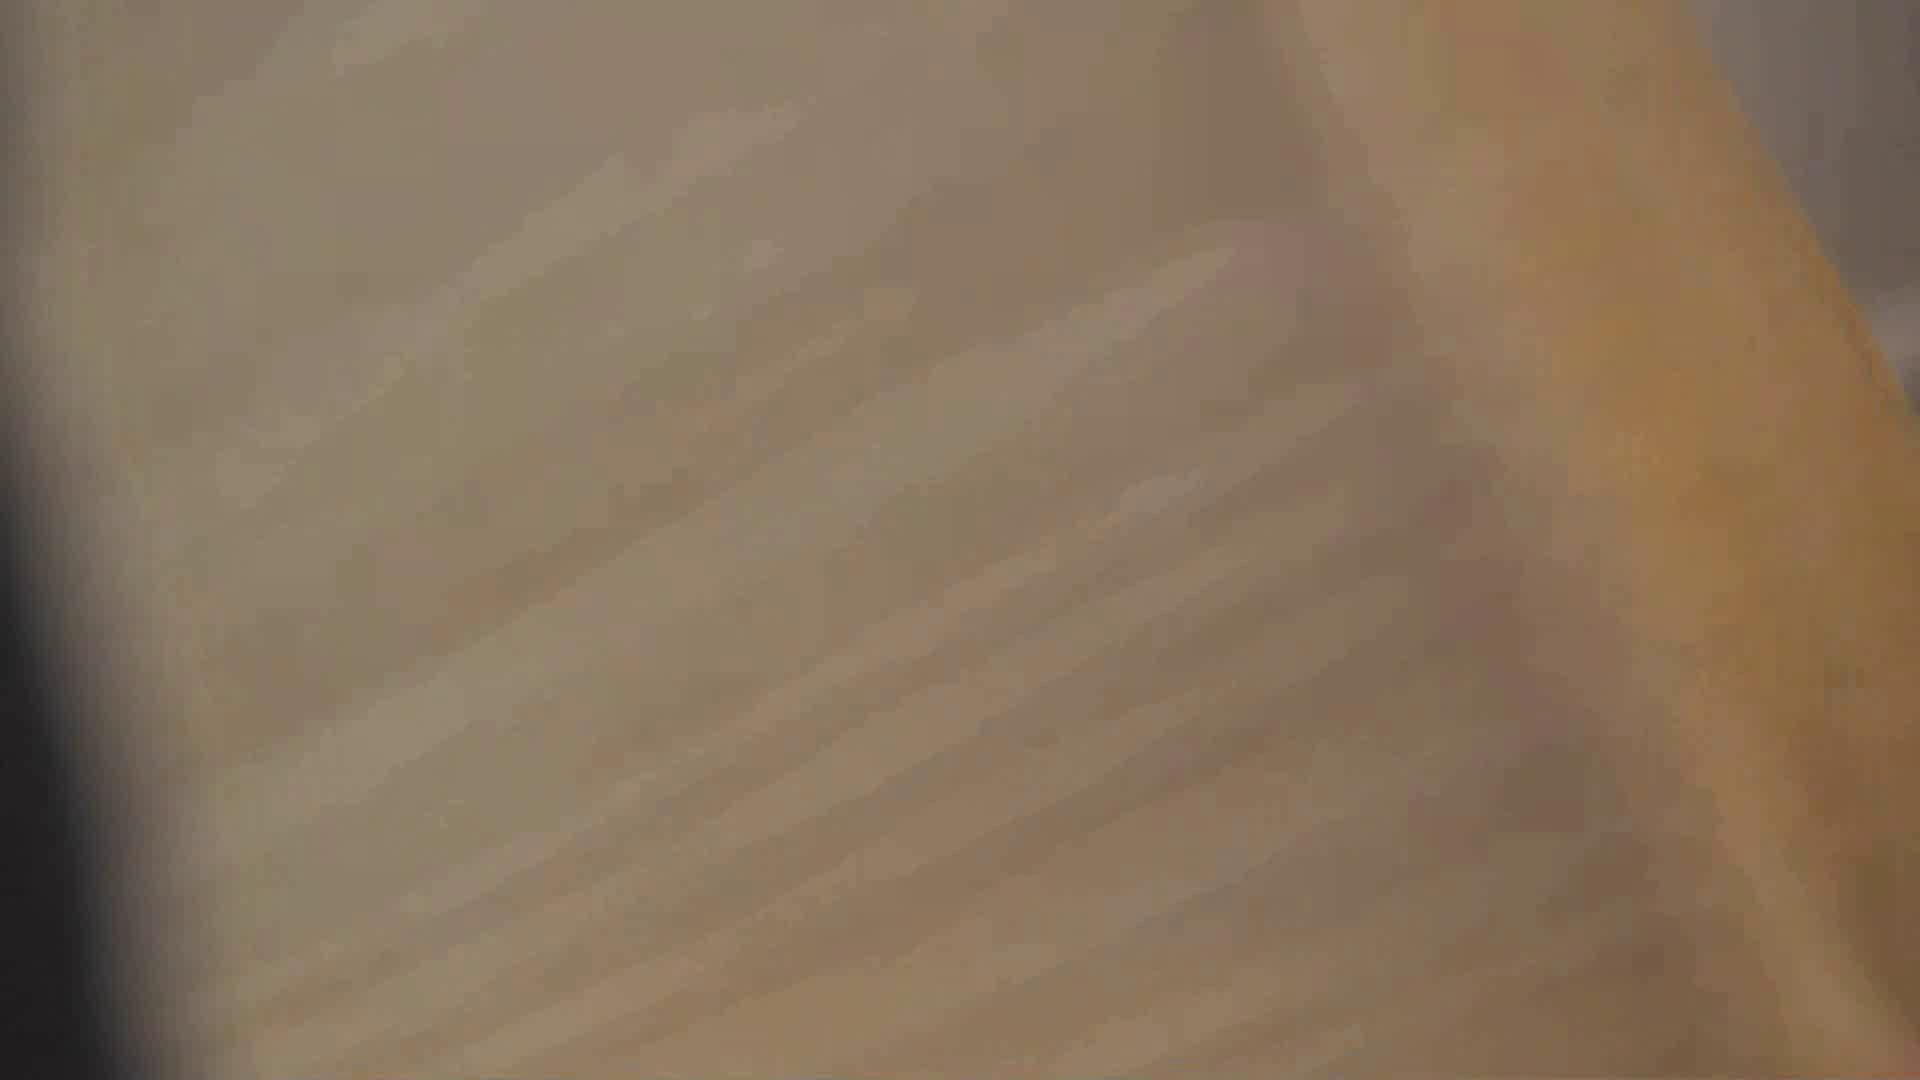 阿国ちゃんの「和式洋式七変化」No.18 iBO(フタコブ) 和式 | 洗面所  99pic 51